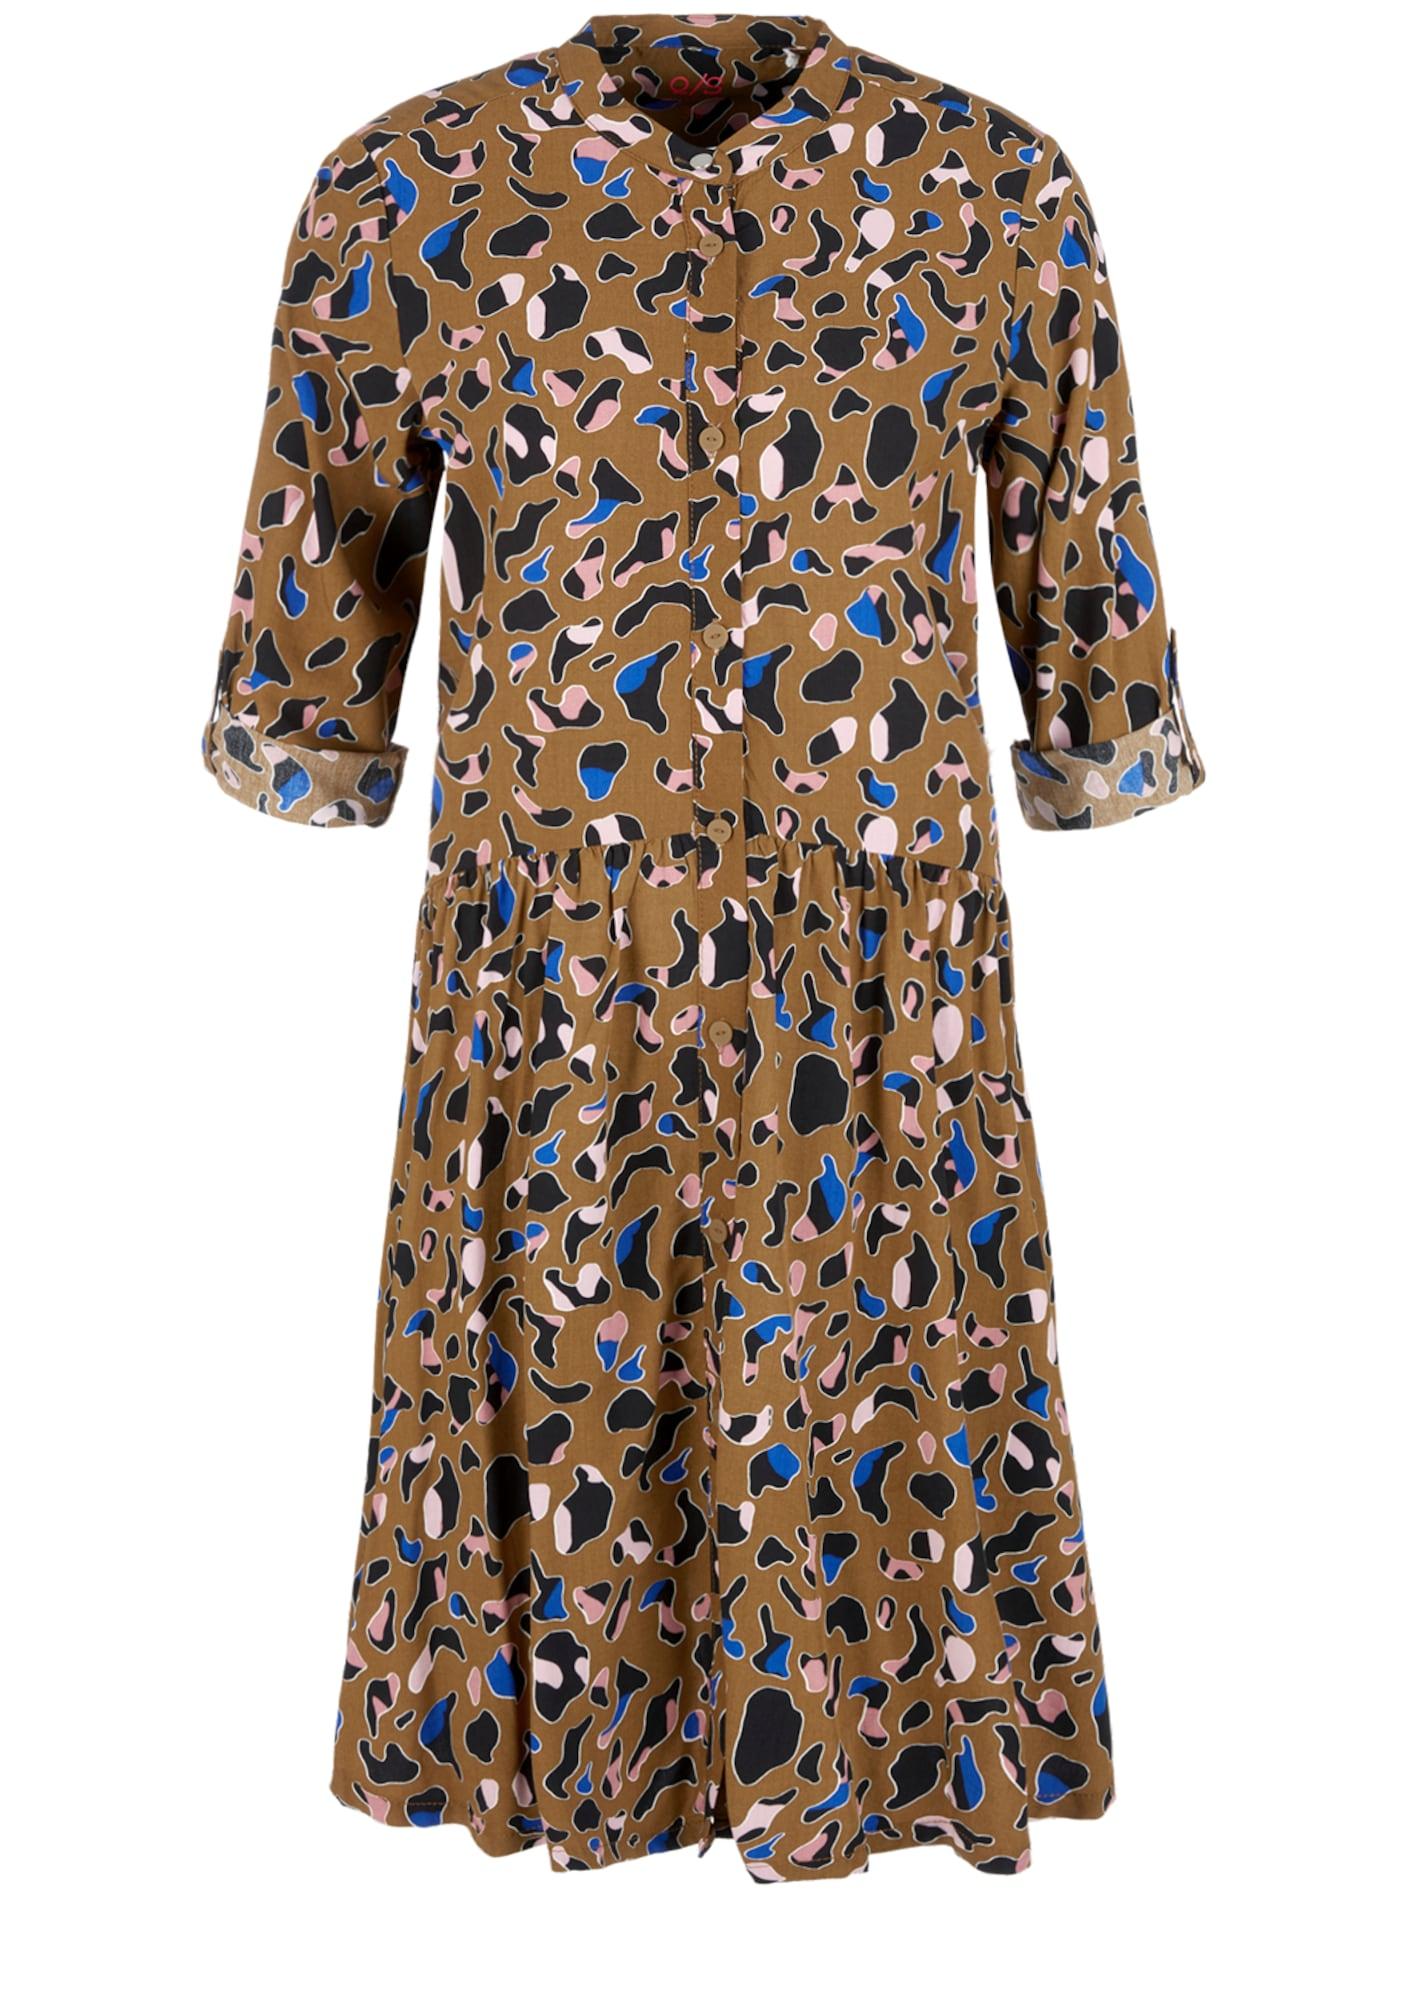 Kurzes Kleid im Tunika-Stil   Bekleidung > Tuniken   Q/S Designed By